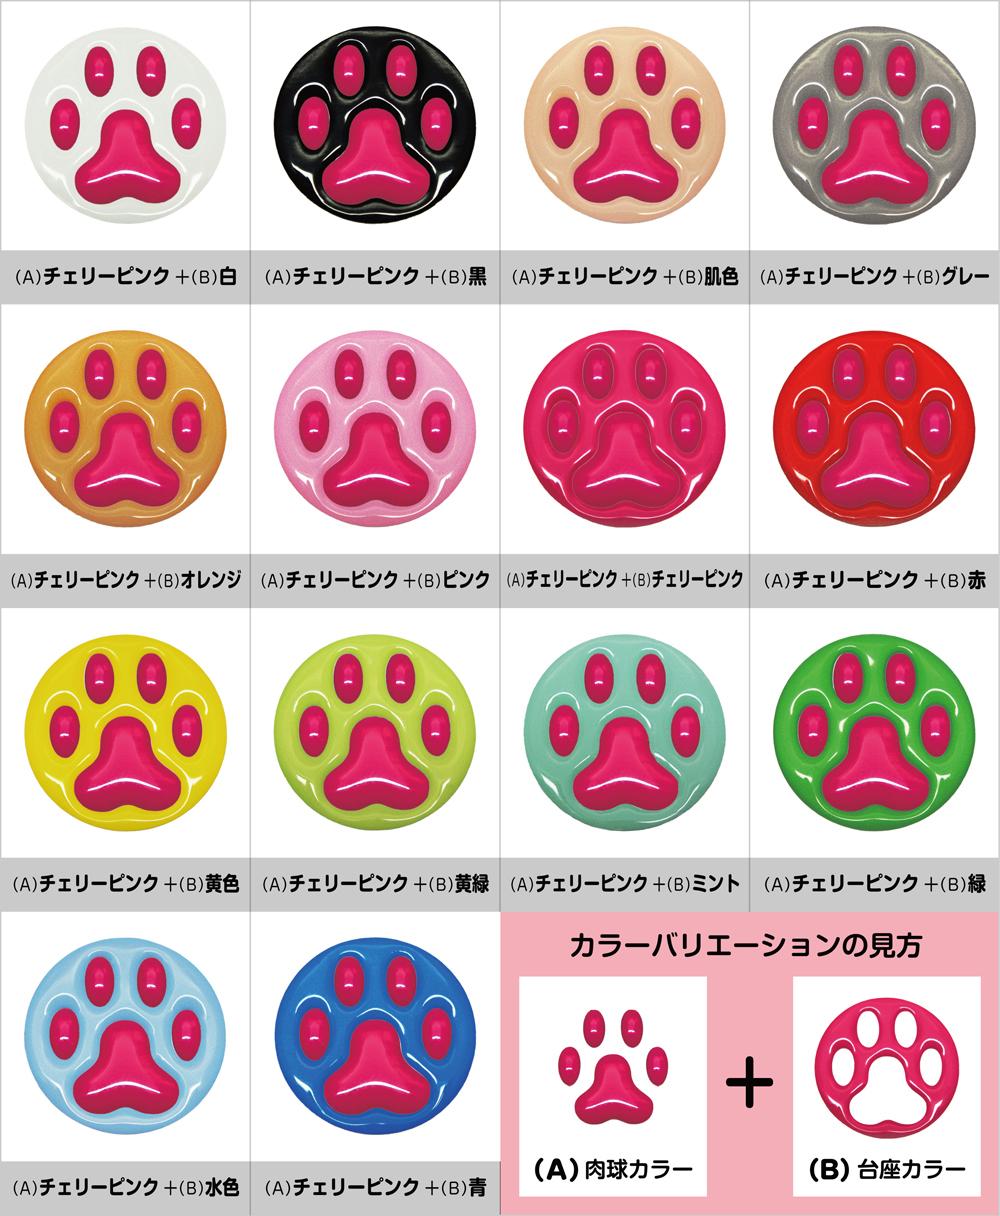 肉球ゴルフマーカー チェリーピンク色タイプ 14種